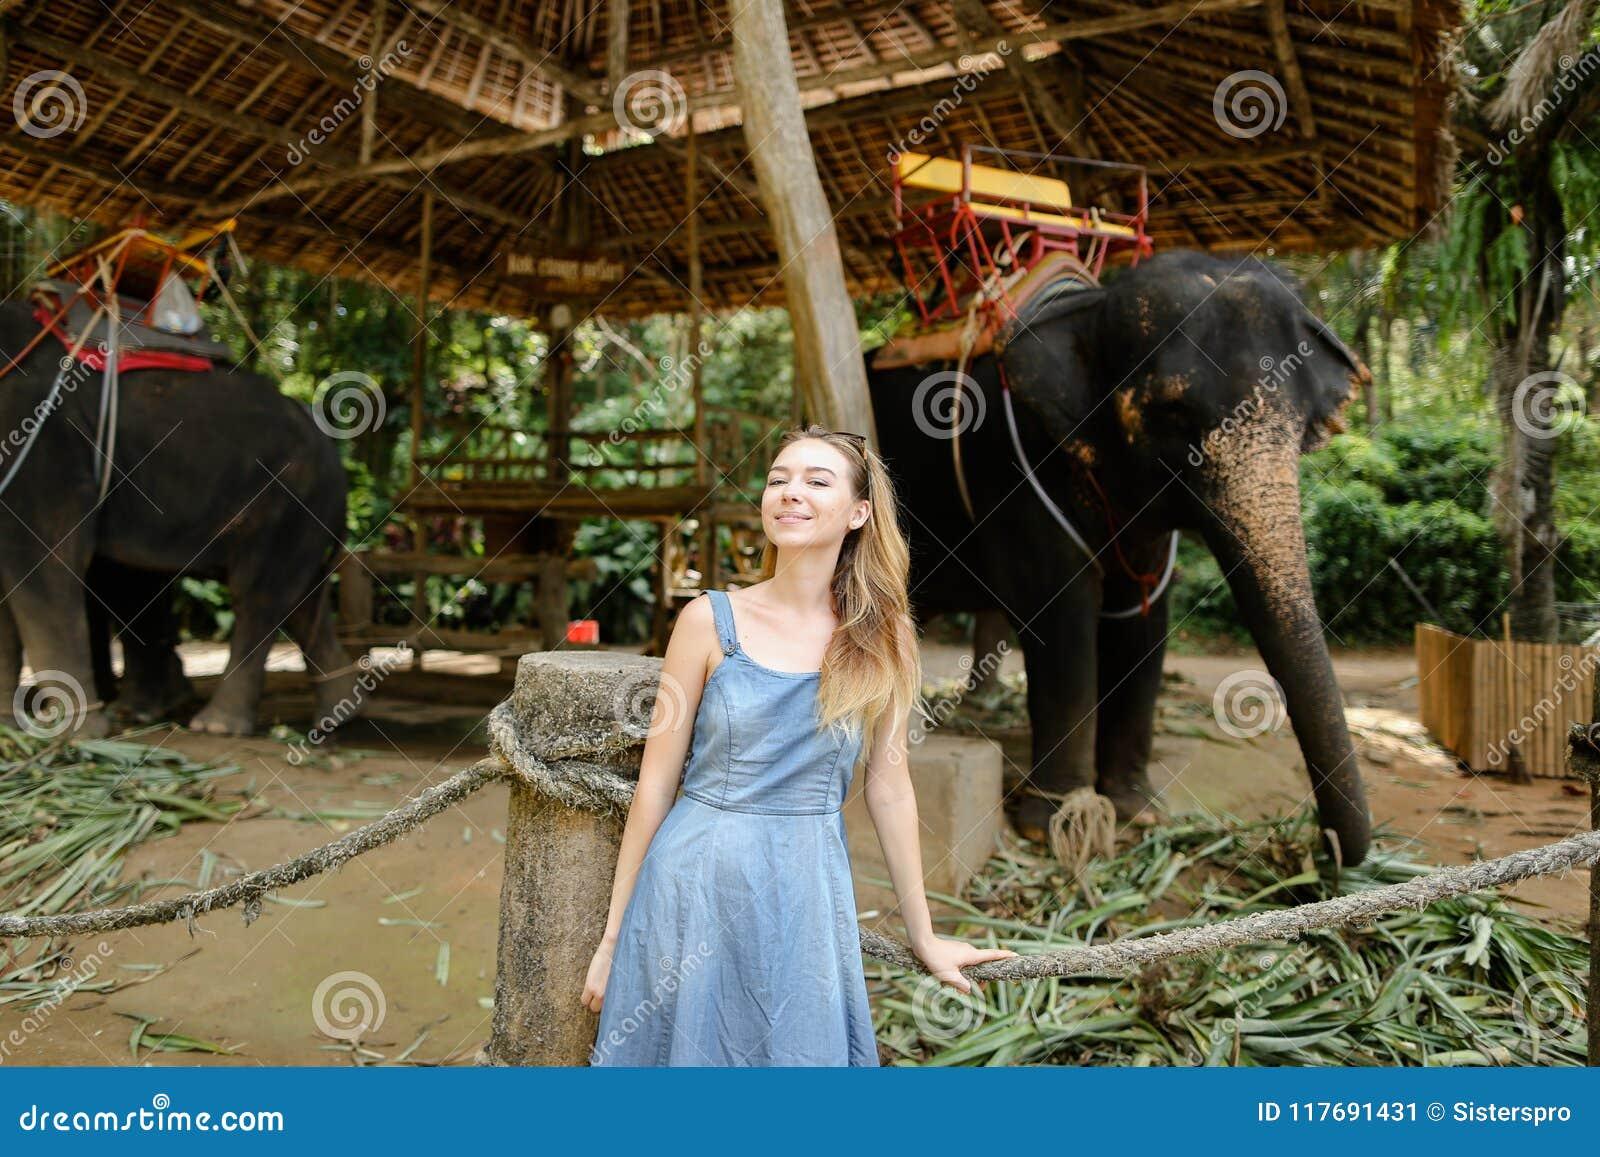 Νέο συμπαθητικό κορίτσι που στέκεται κοντά στους εξημερωμένους και δεμένους ελέφαντες